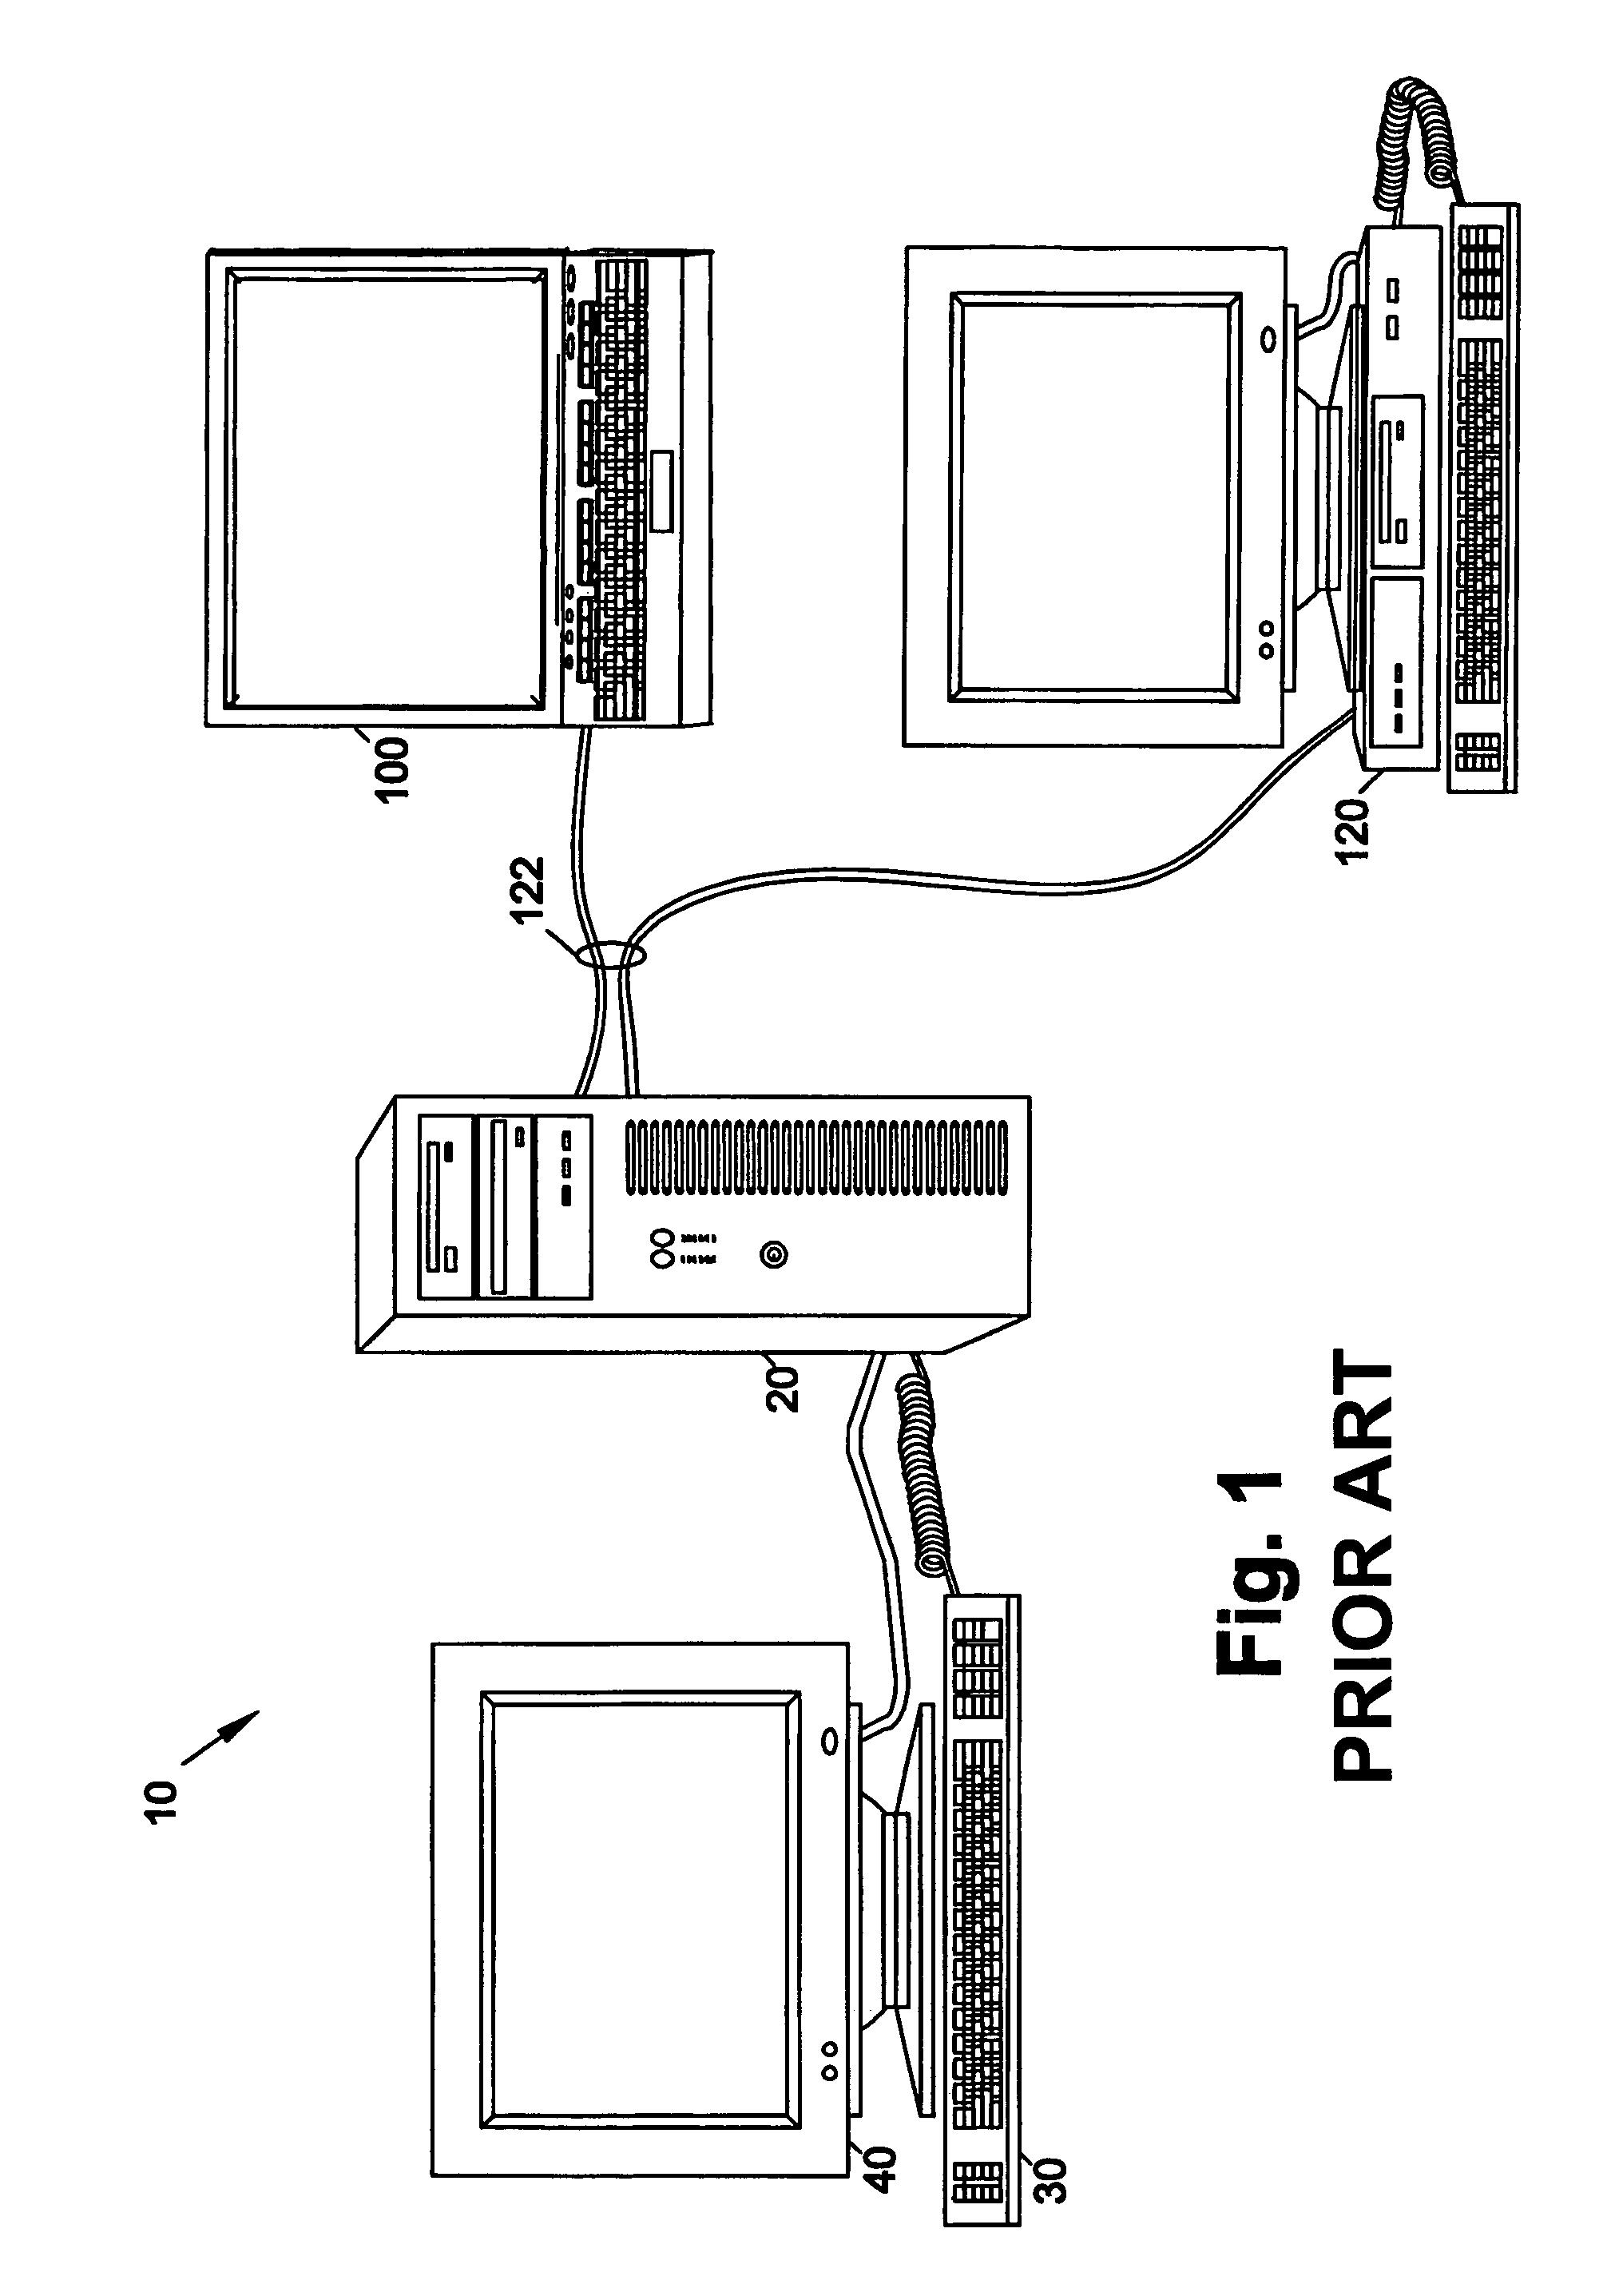 patent us7003775